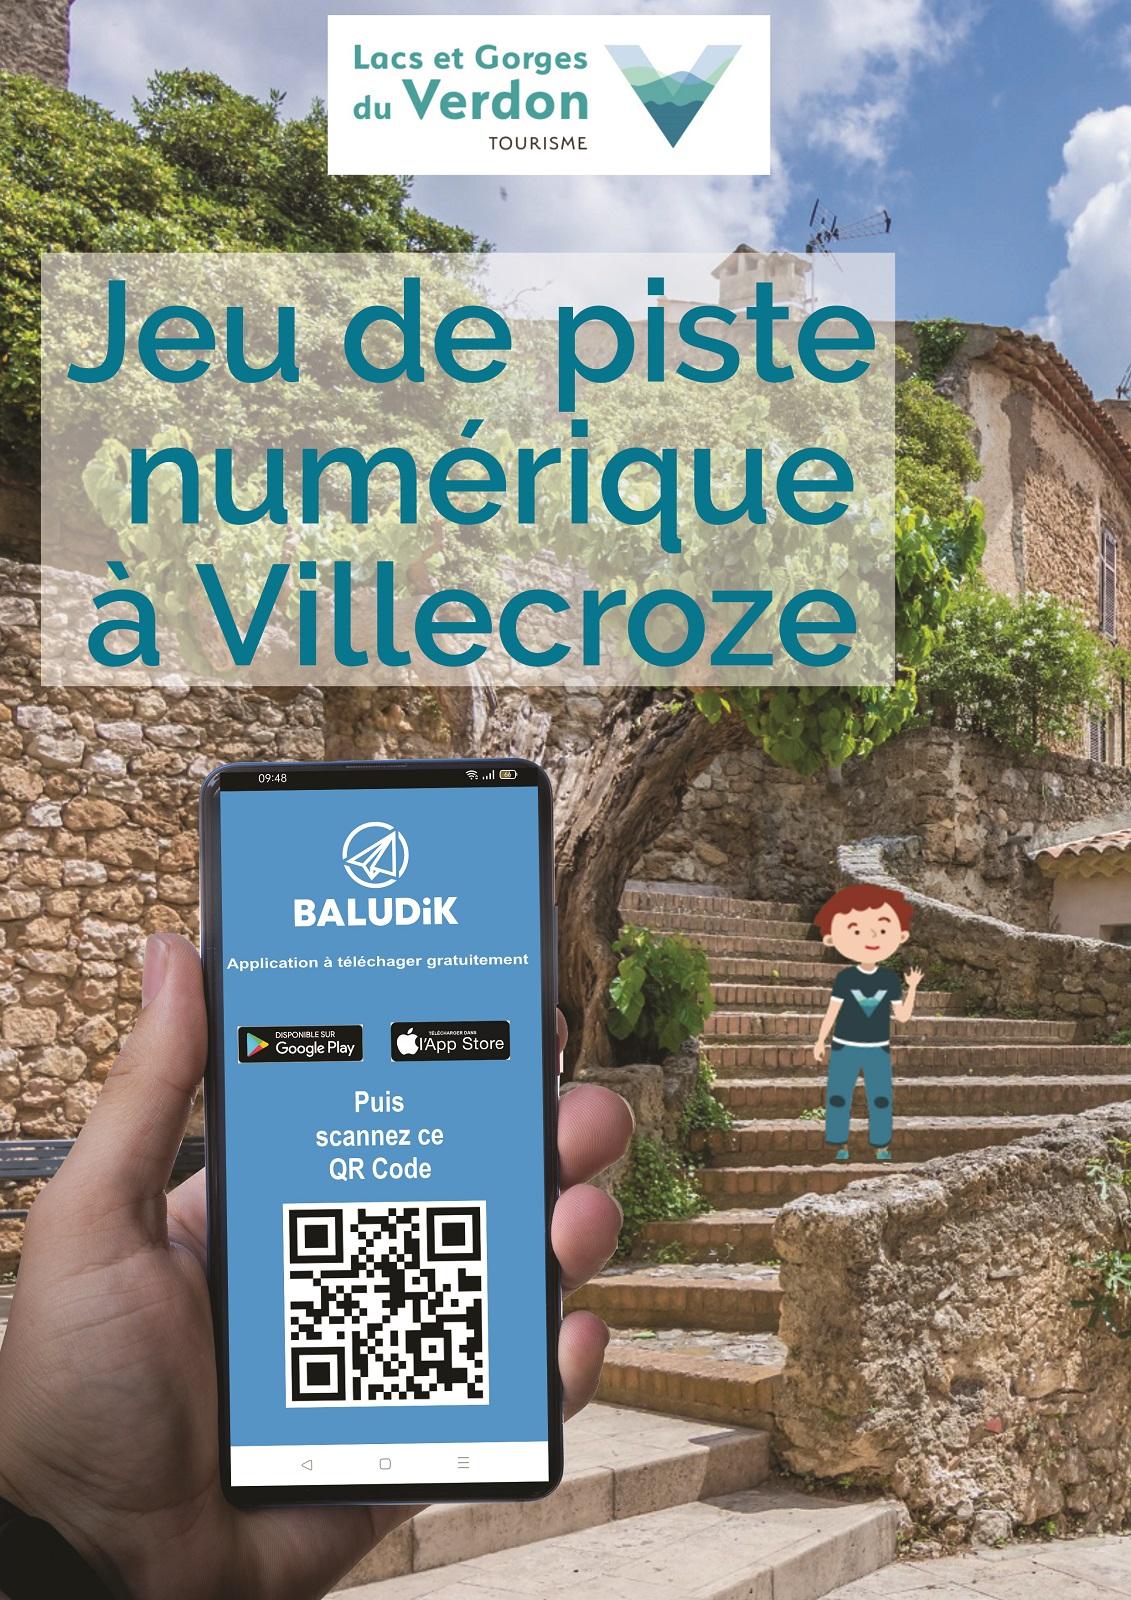 Photo Jeu de Piste Baludik - A la recherche des trésors du Verdon à Villecroze